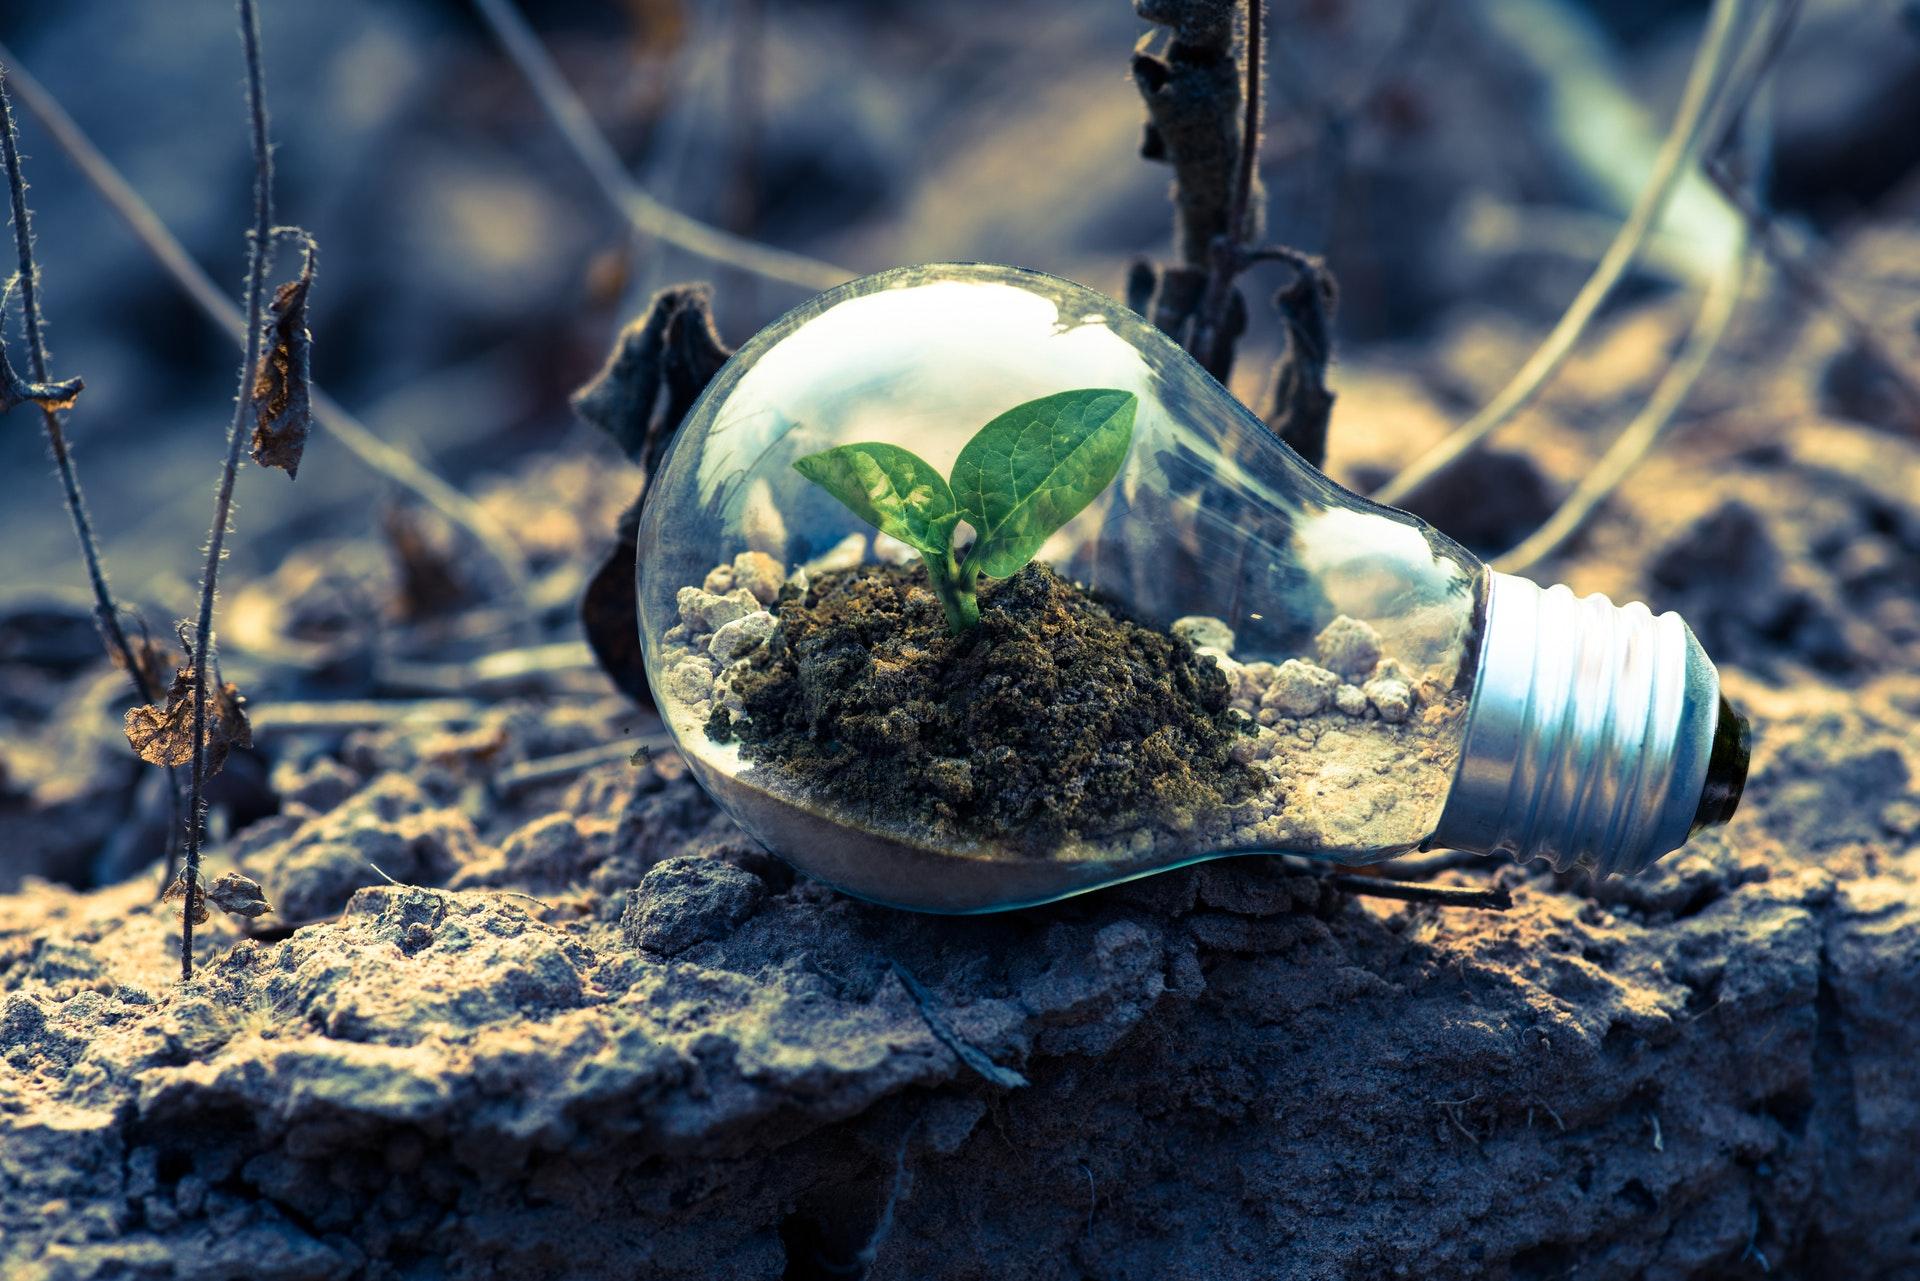 desafios e oportunidades para as startups verdes